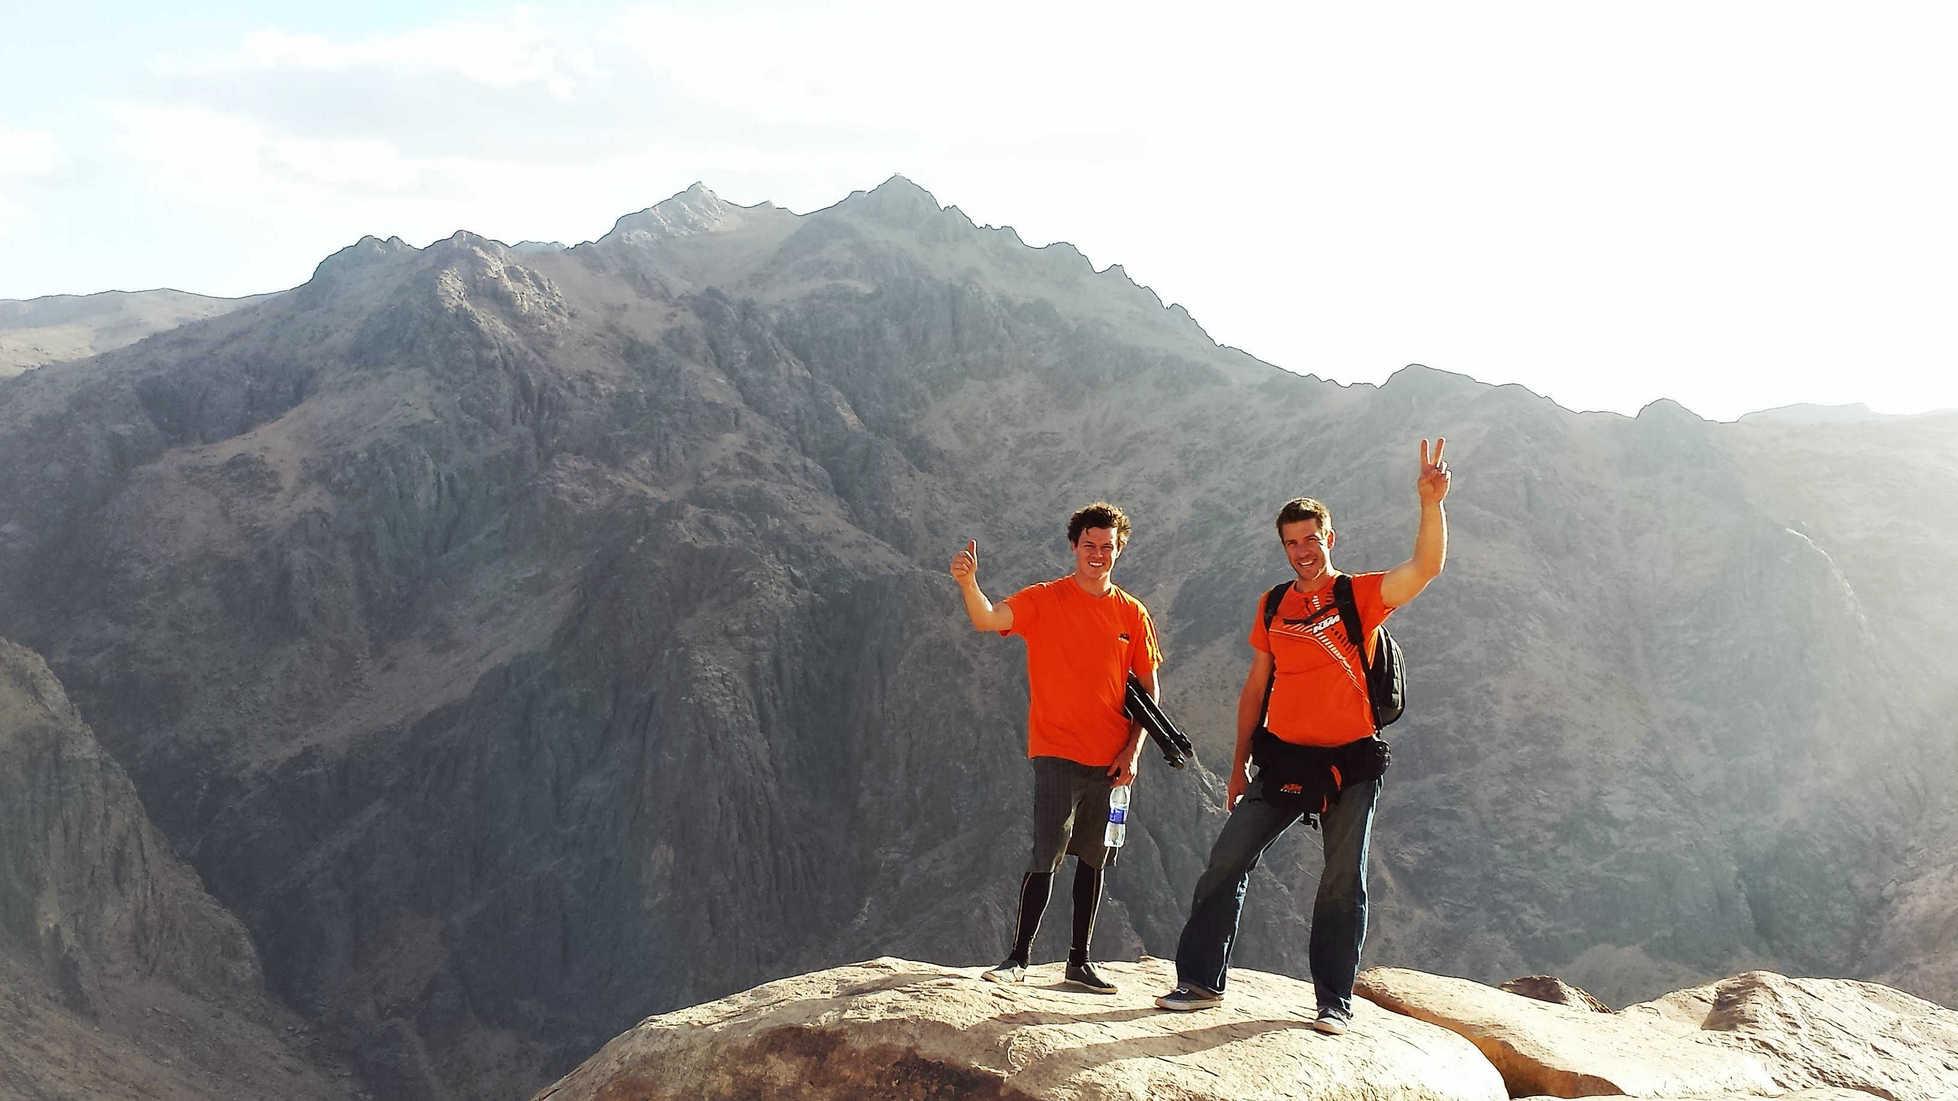 טיול להר הגבוה בסיני